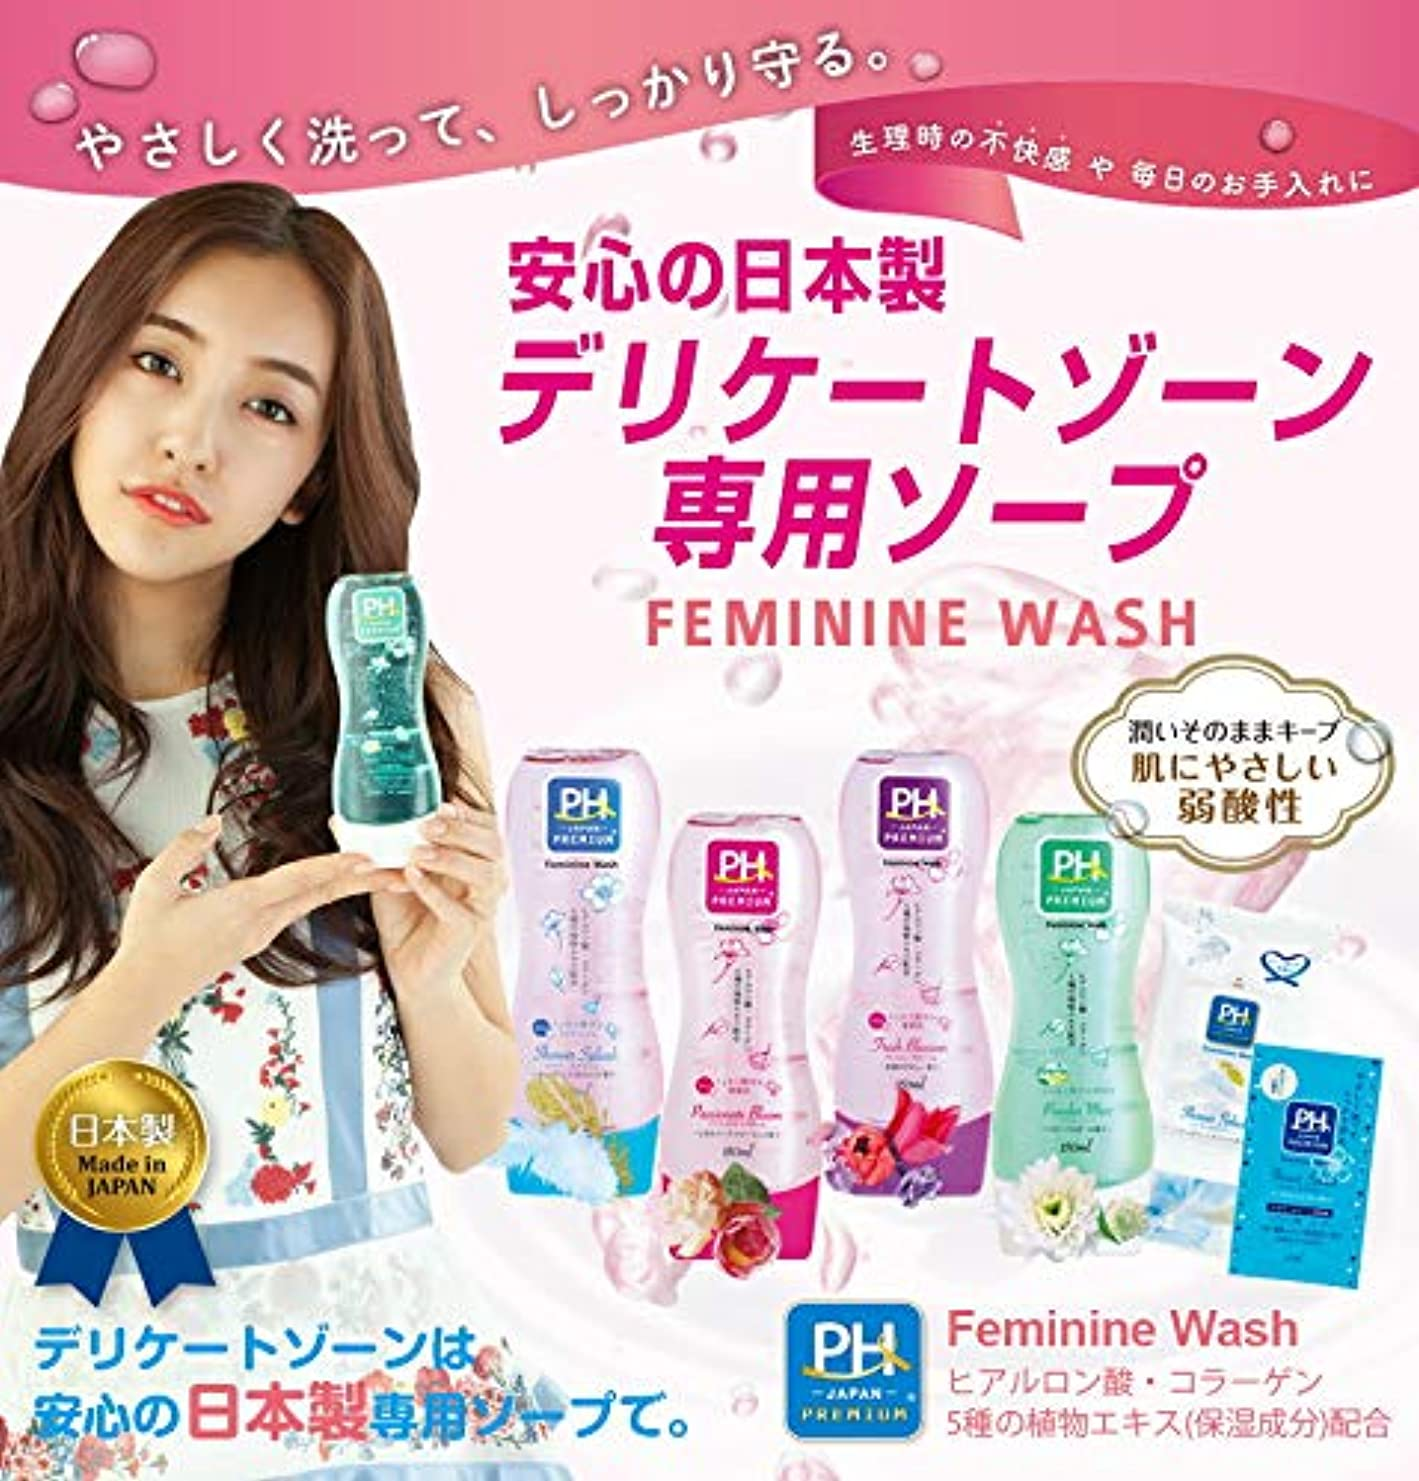 あたたかい行政クリックパッショネイトブルーム4本セット PH JAPAN フェミニンウォッシュ 上品なローズフローラルの香り